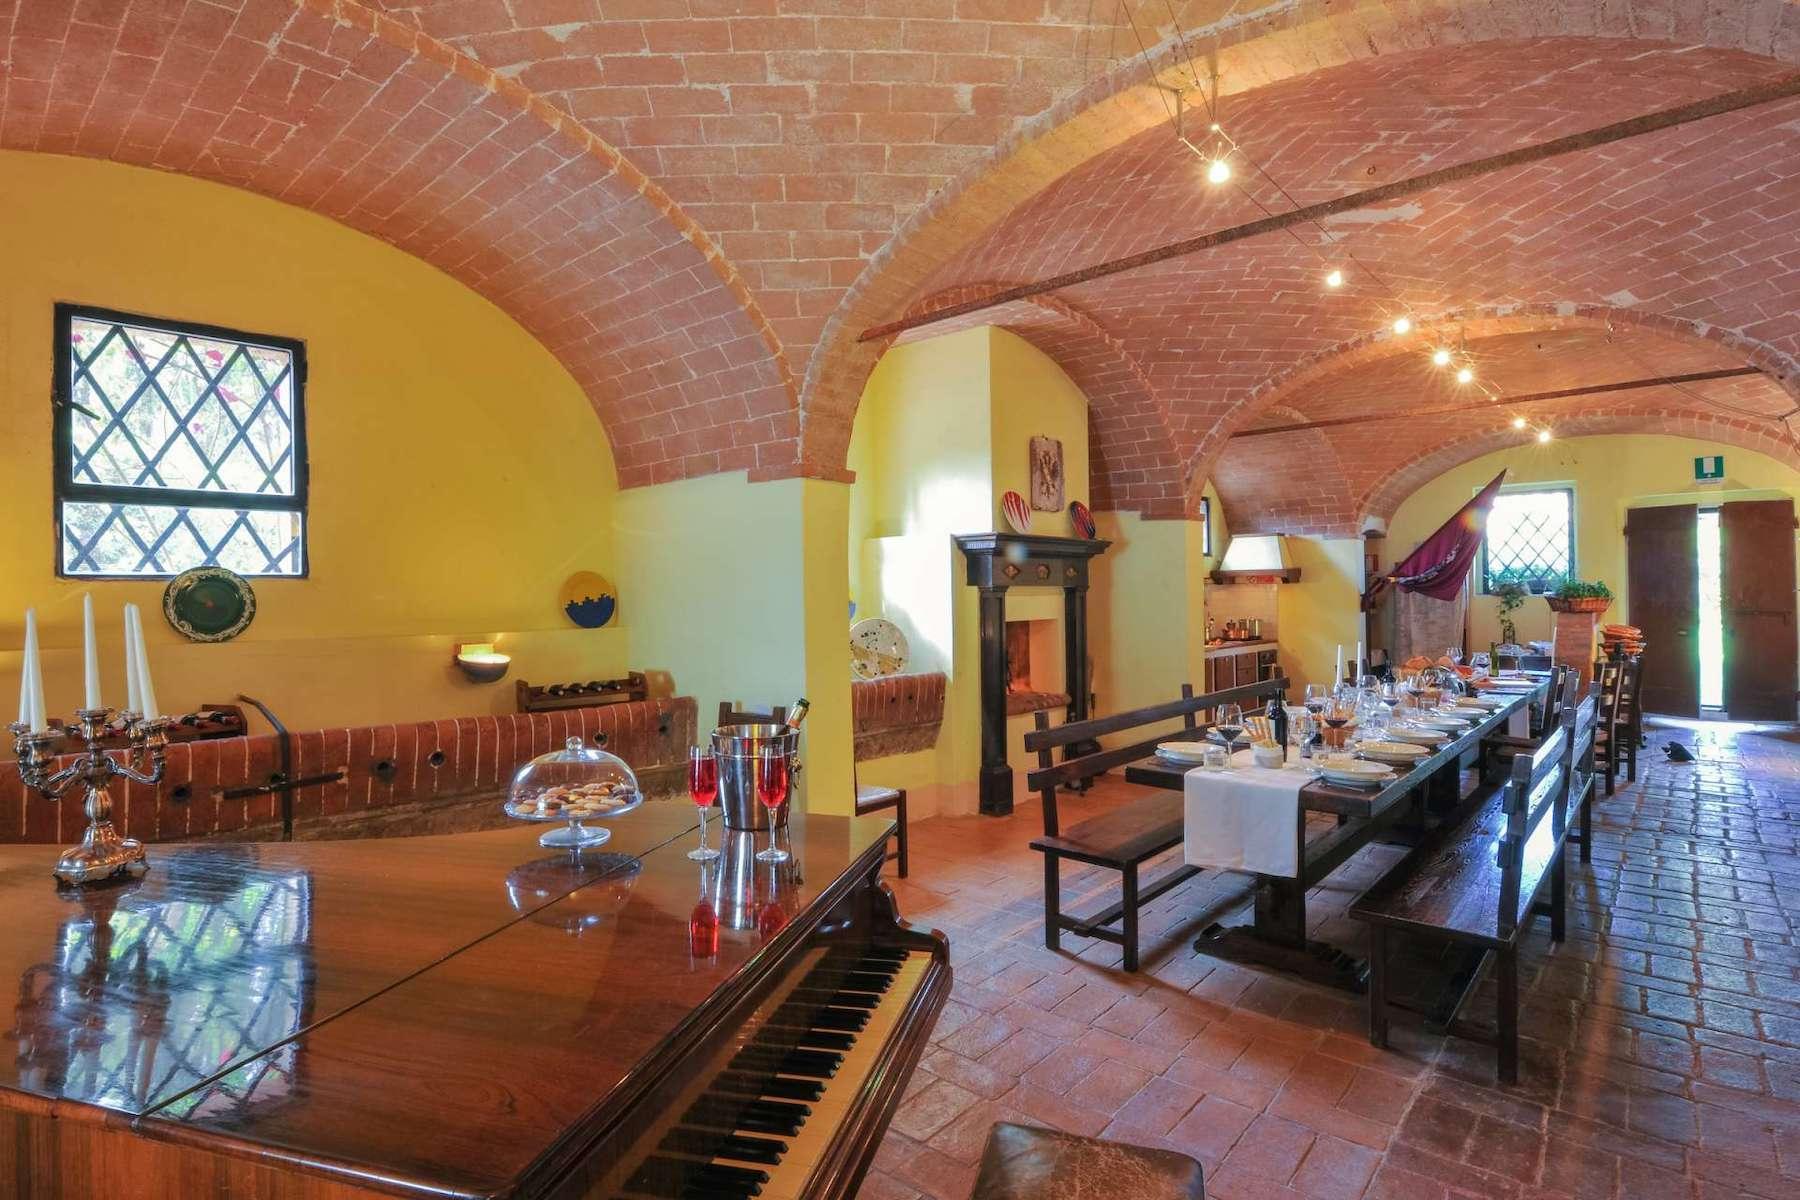 Historic farm in the heart of Crete Senesi - 11